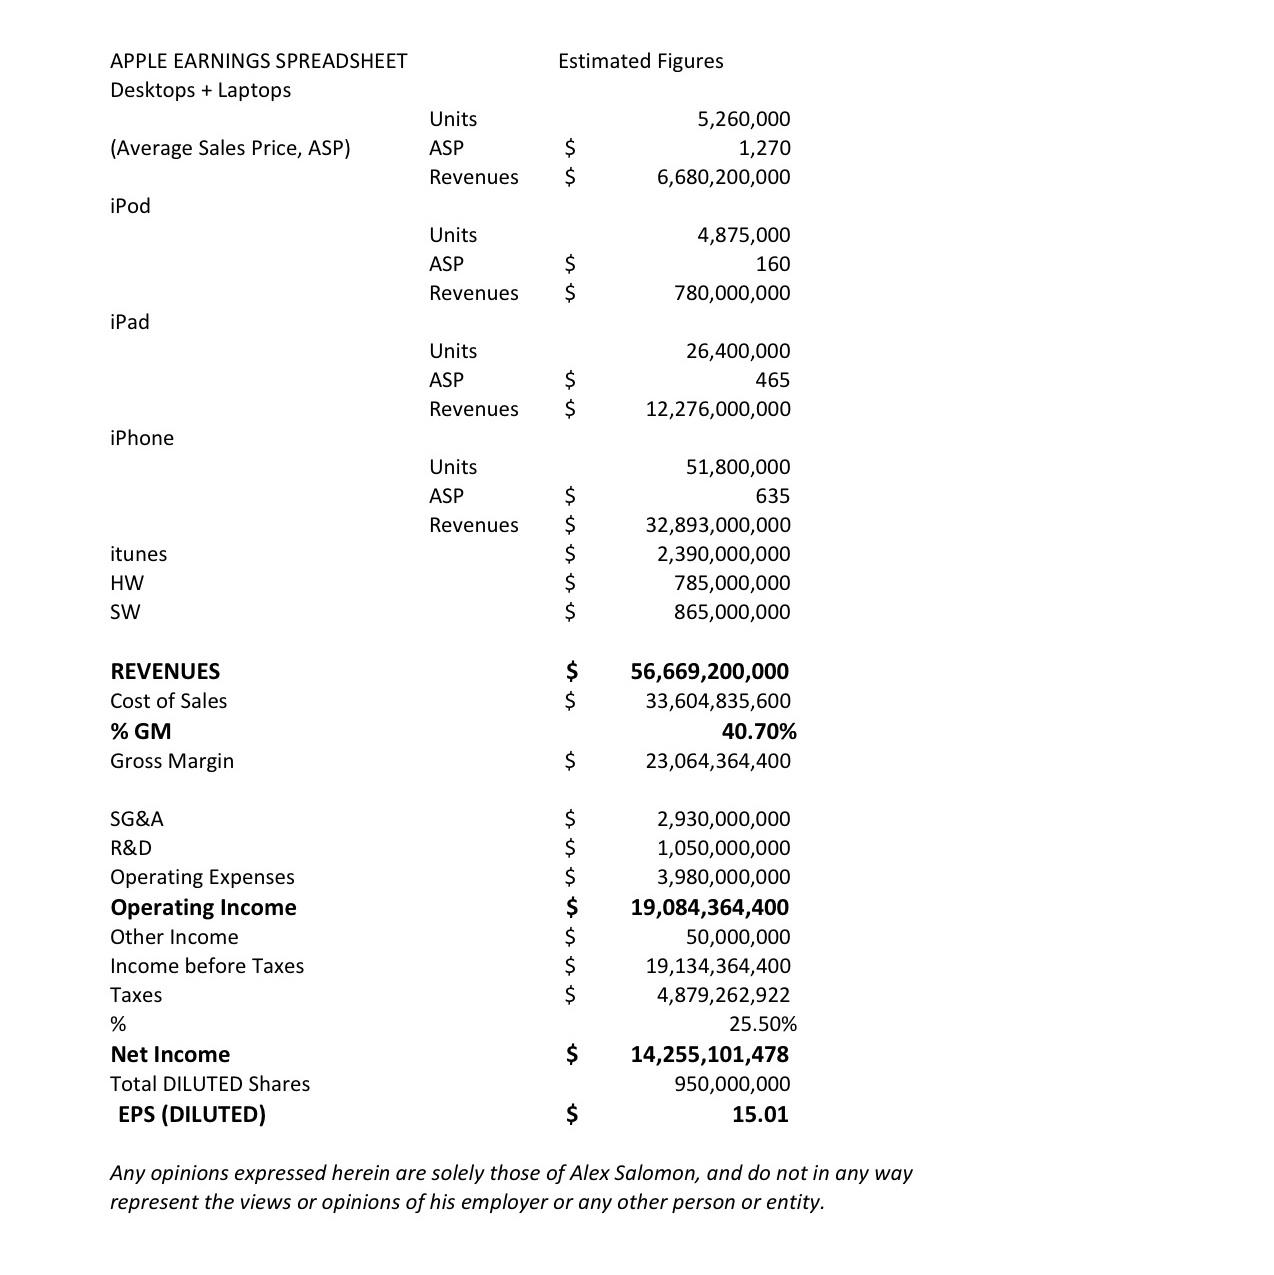 Apple stock earnings estimates spreadsheet, 1Q 2013